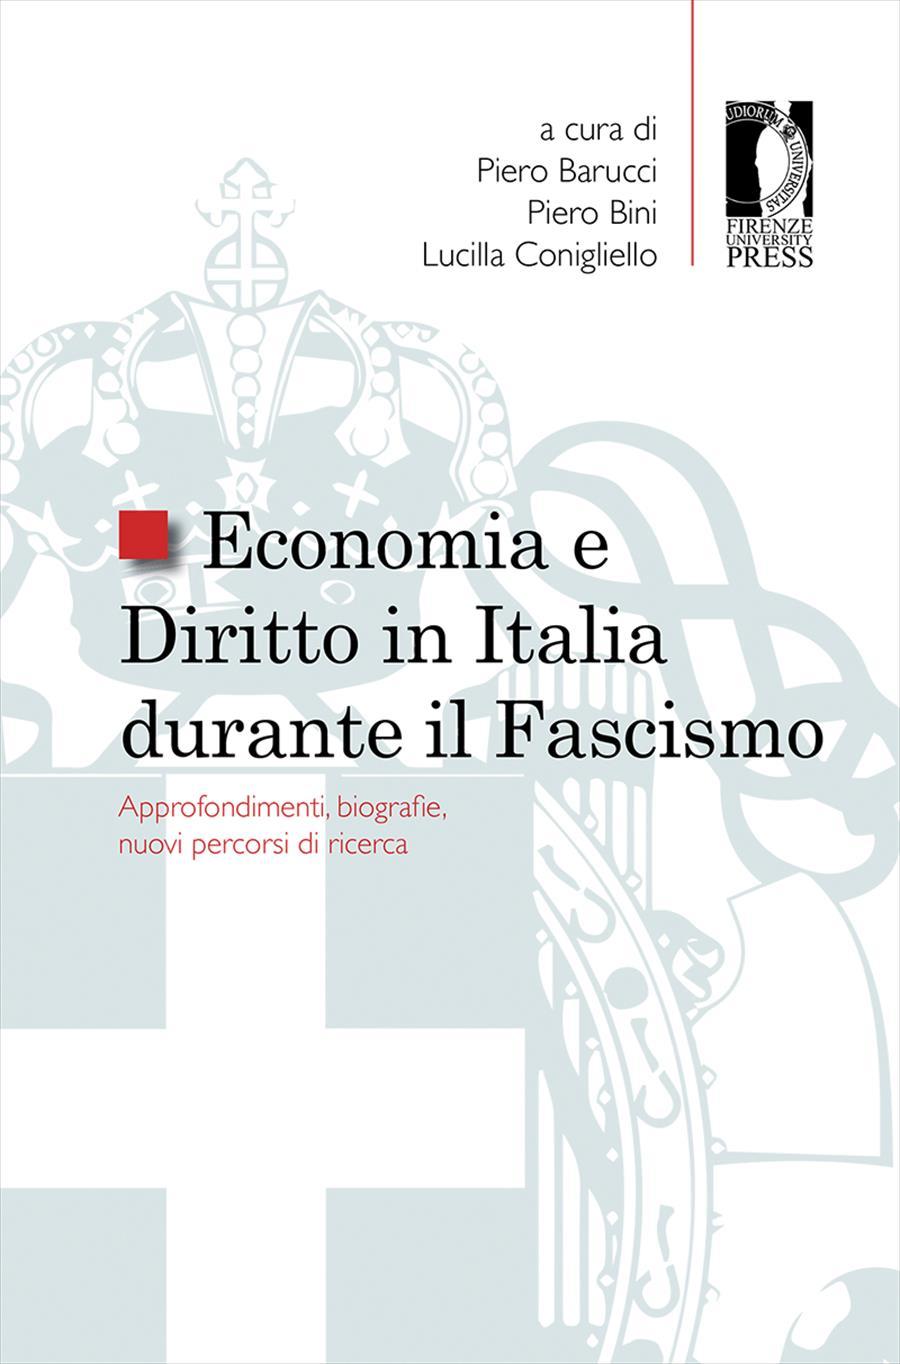 Economia e Diritto in Italia durante il Fascismo